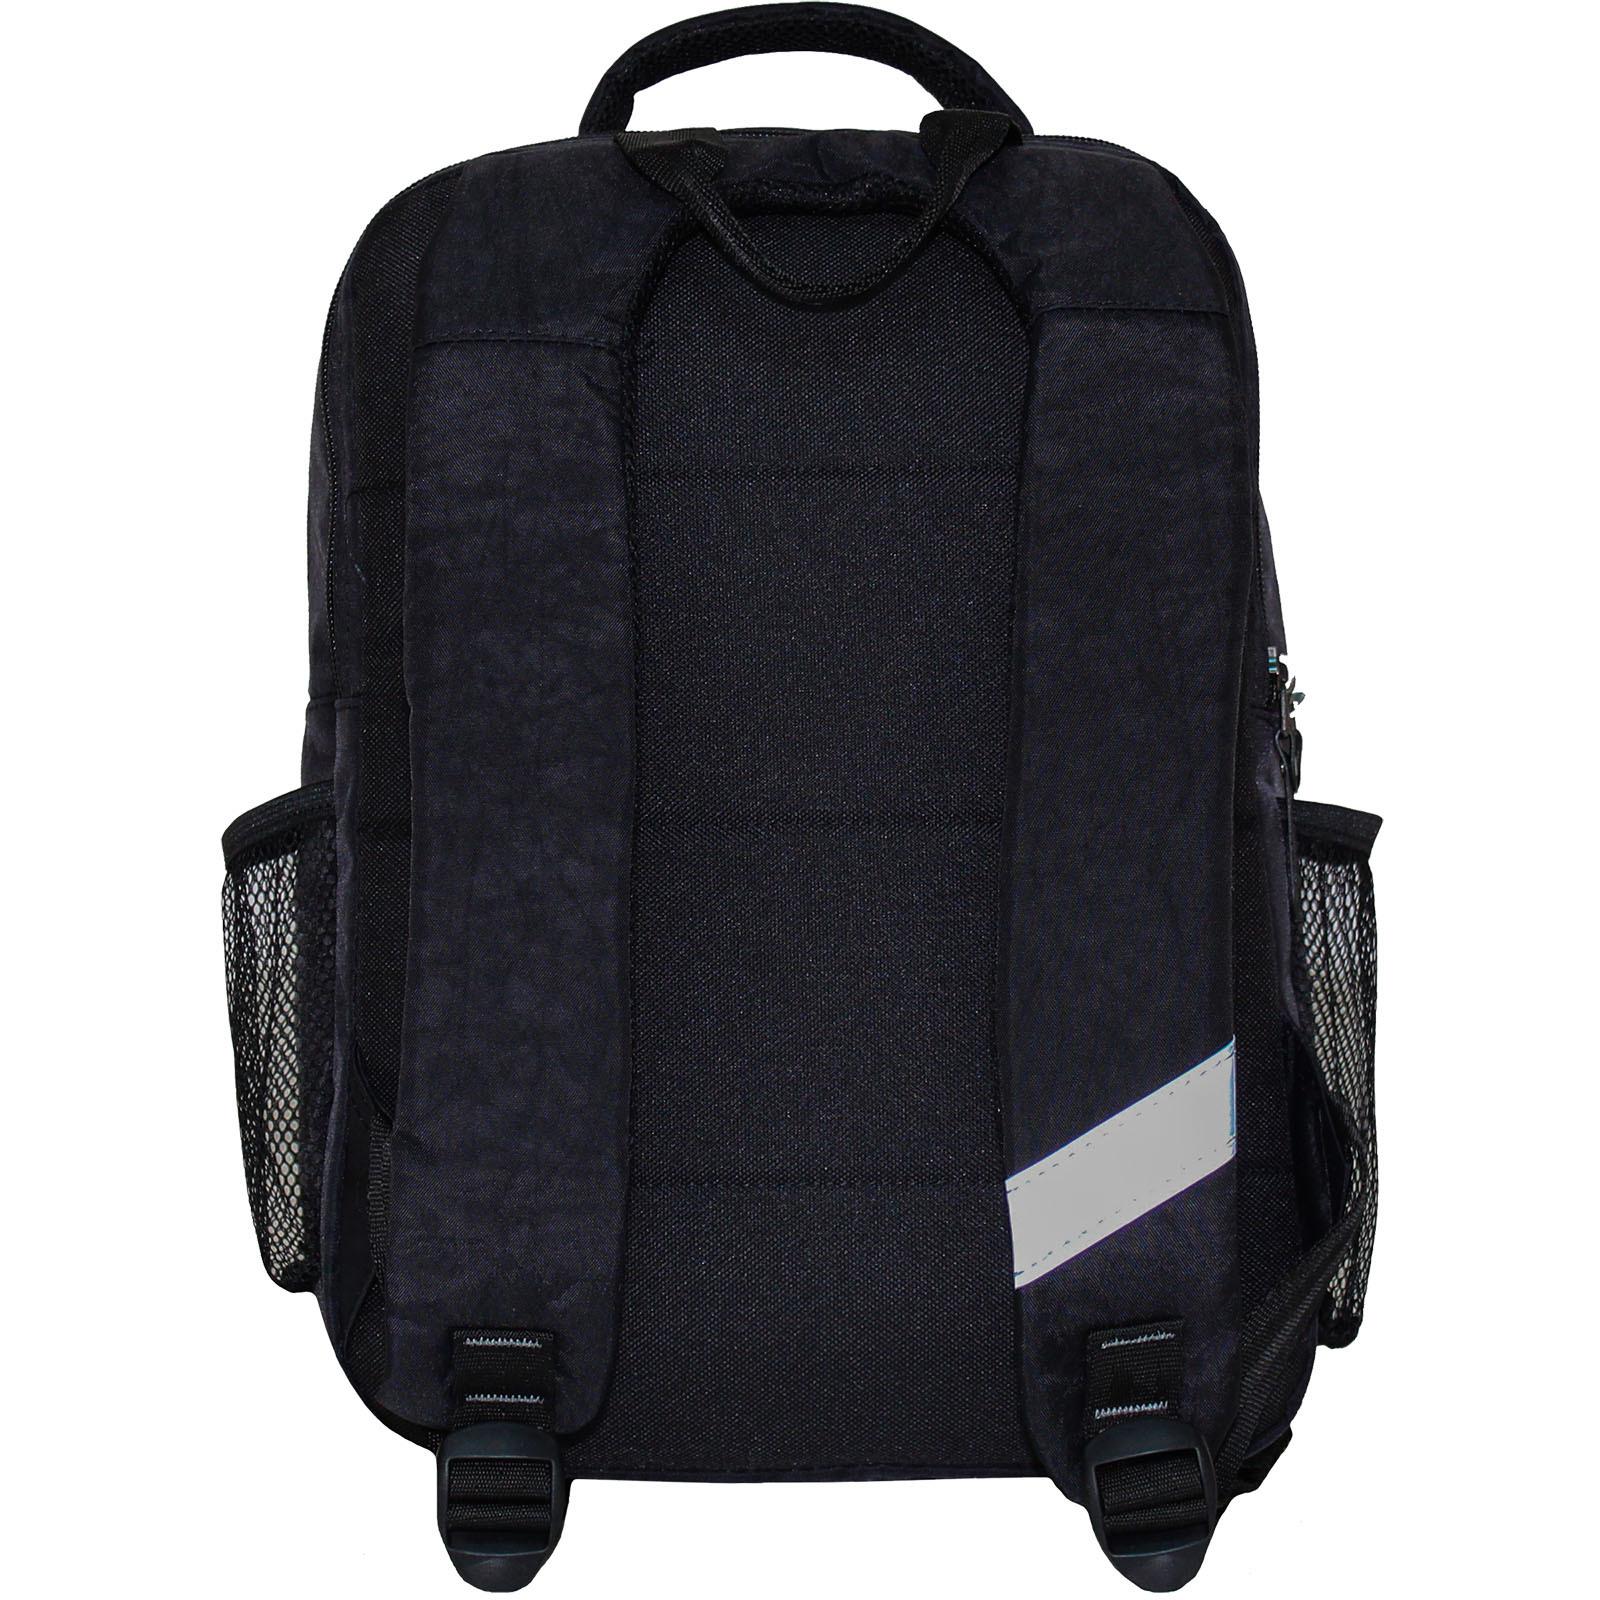 Рюкзак школьный Bagland Школьник 8 л. Черный (машина 23) (00112702)